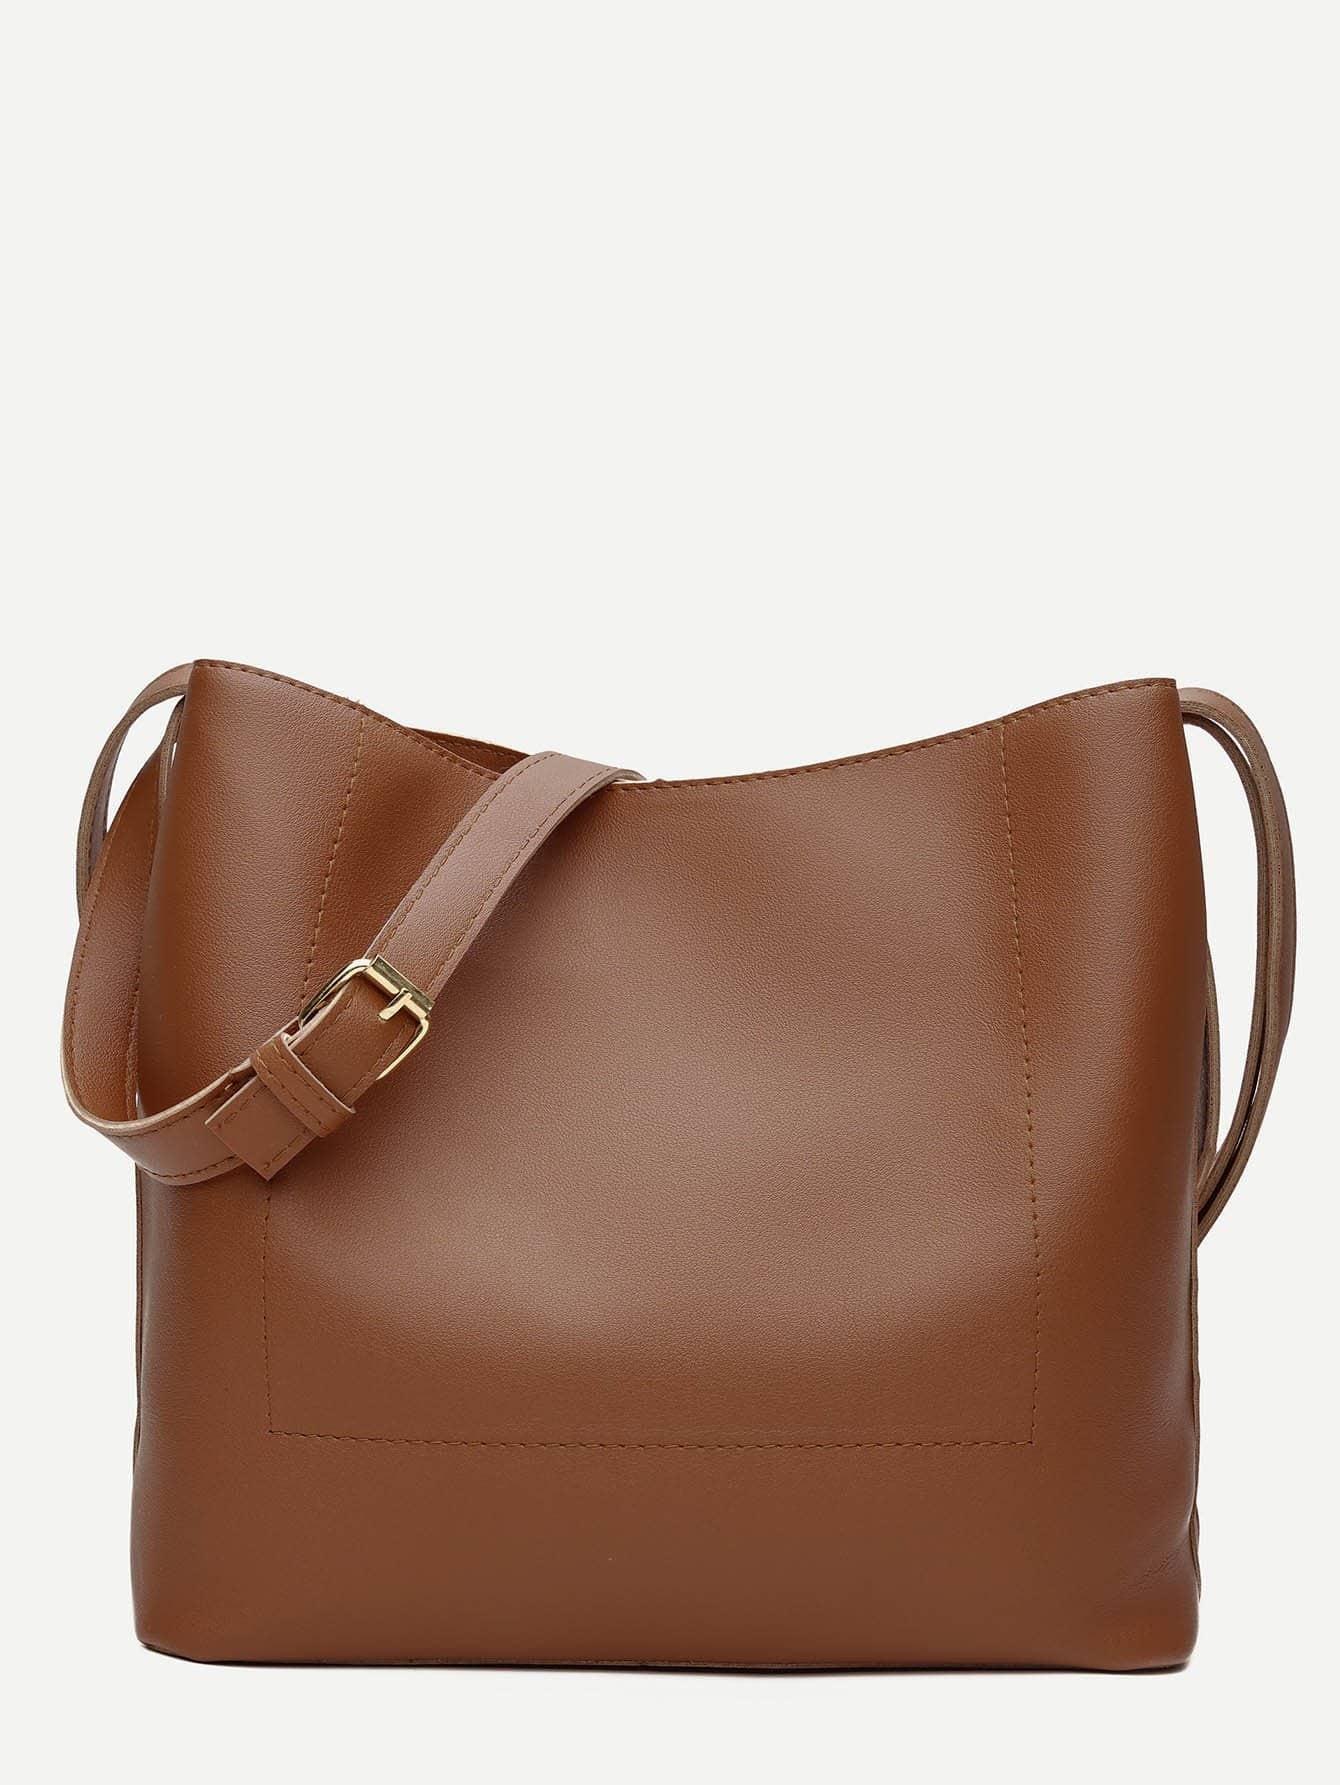 PU Shoulder Bag With Adjustable Strap pu adjustable strap hat shaped girls mini bag